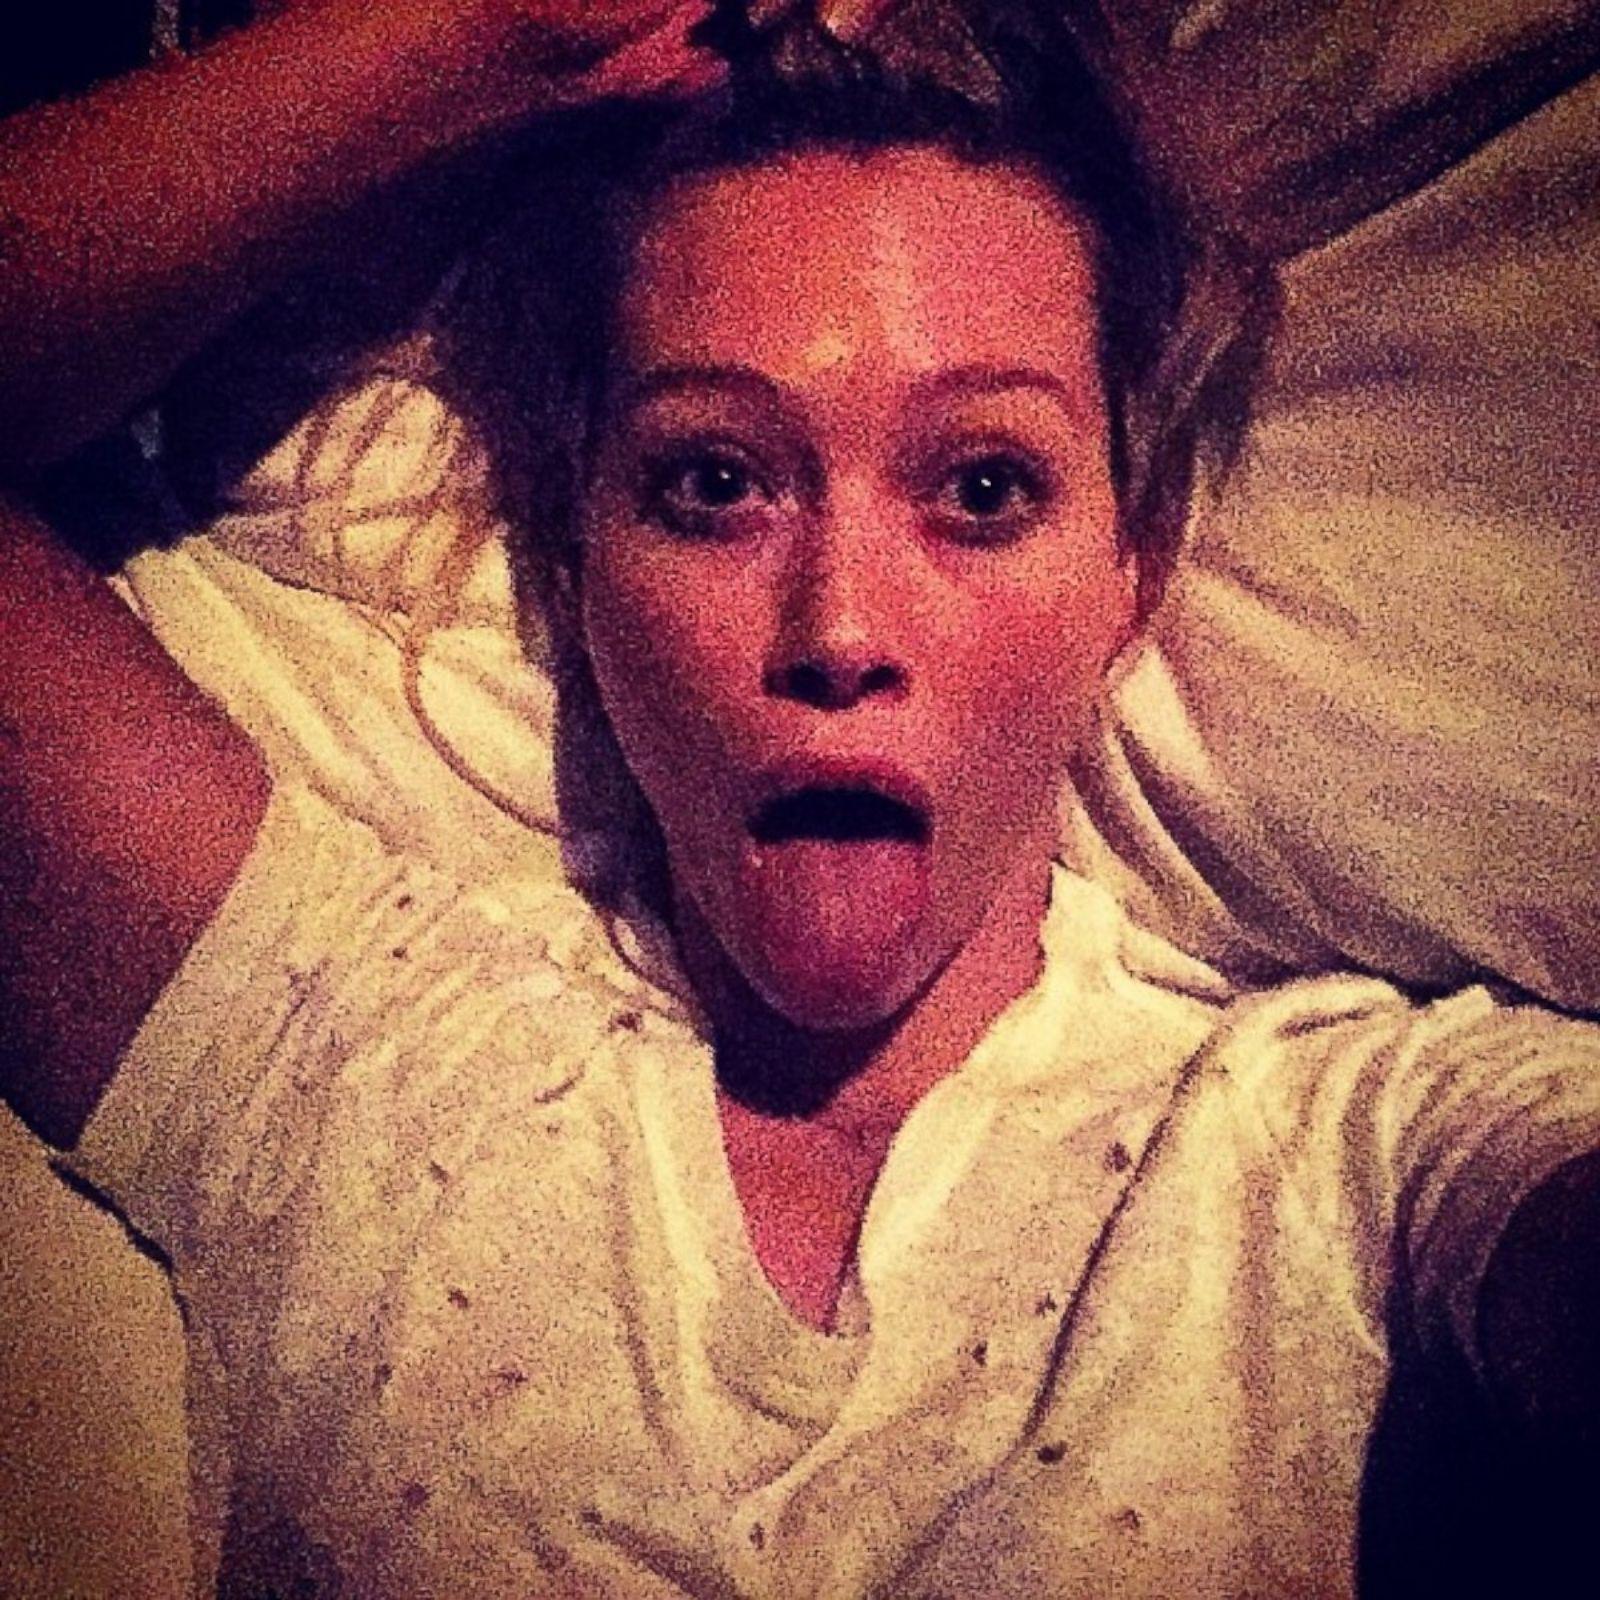 Selfie Leah Francis naked (76 photos), Ass, Cleavage, Boobs, panties 2015